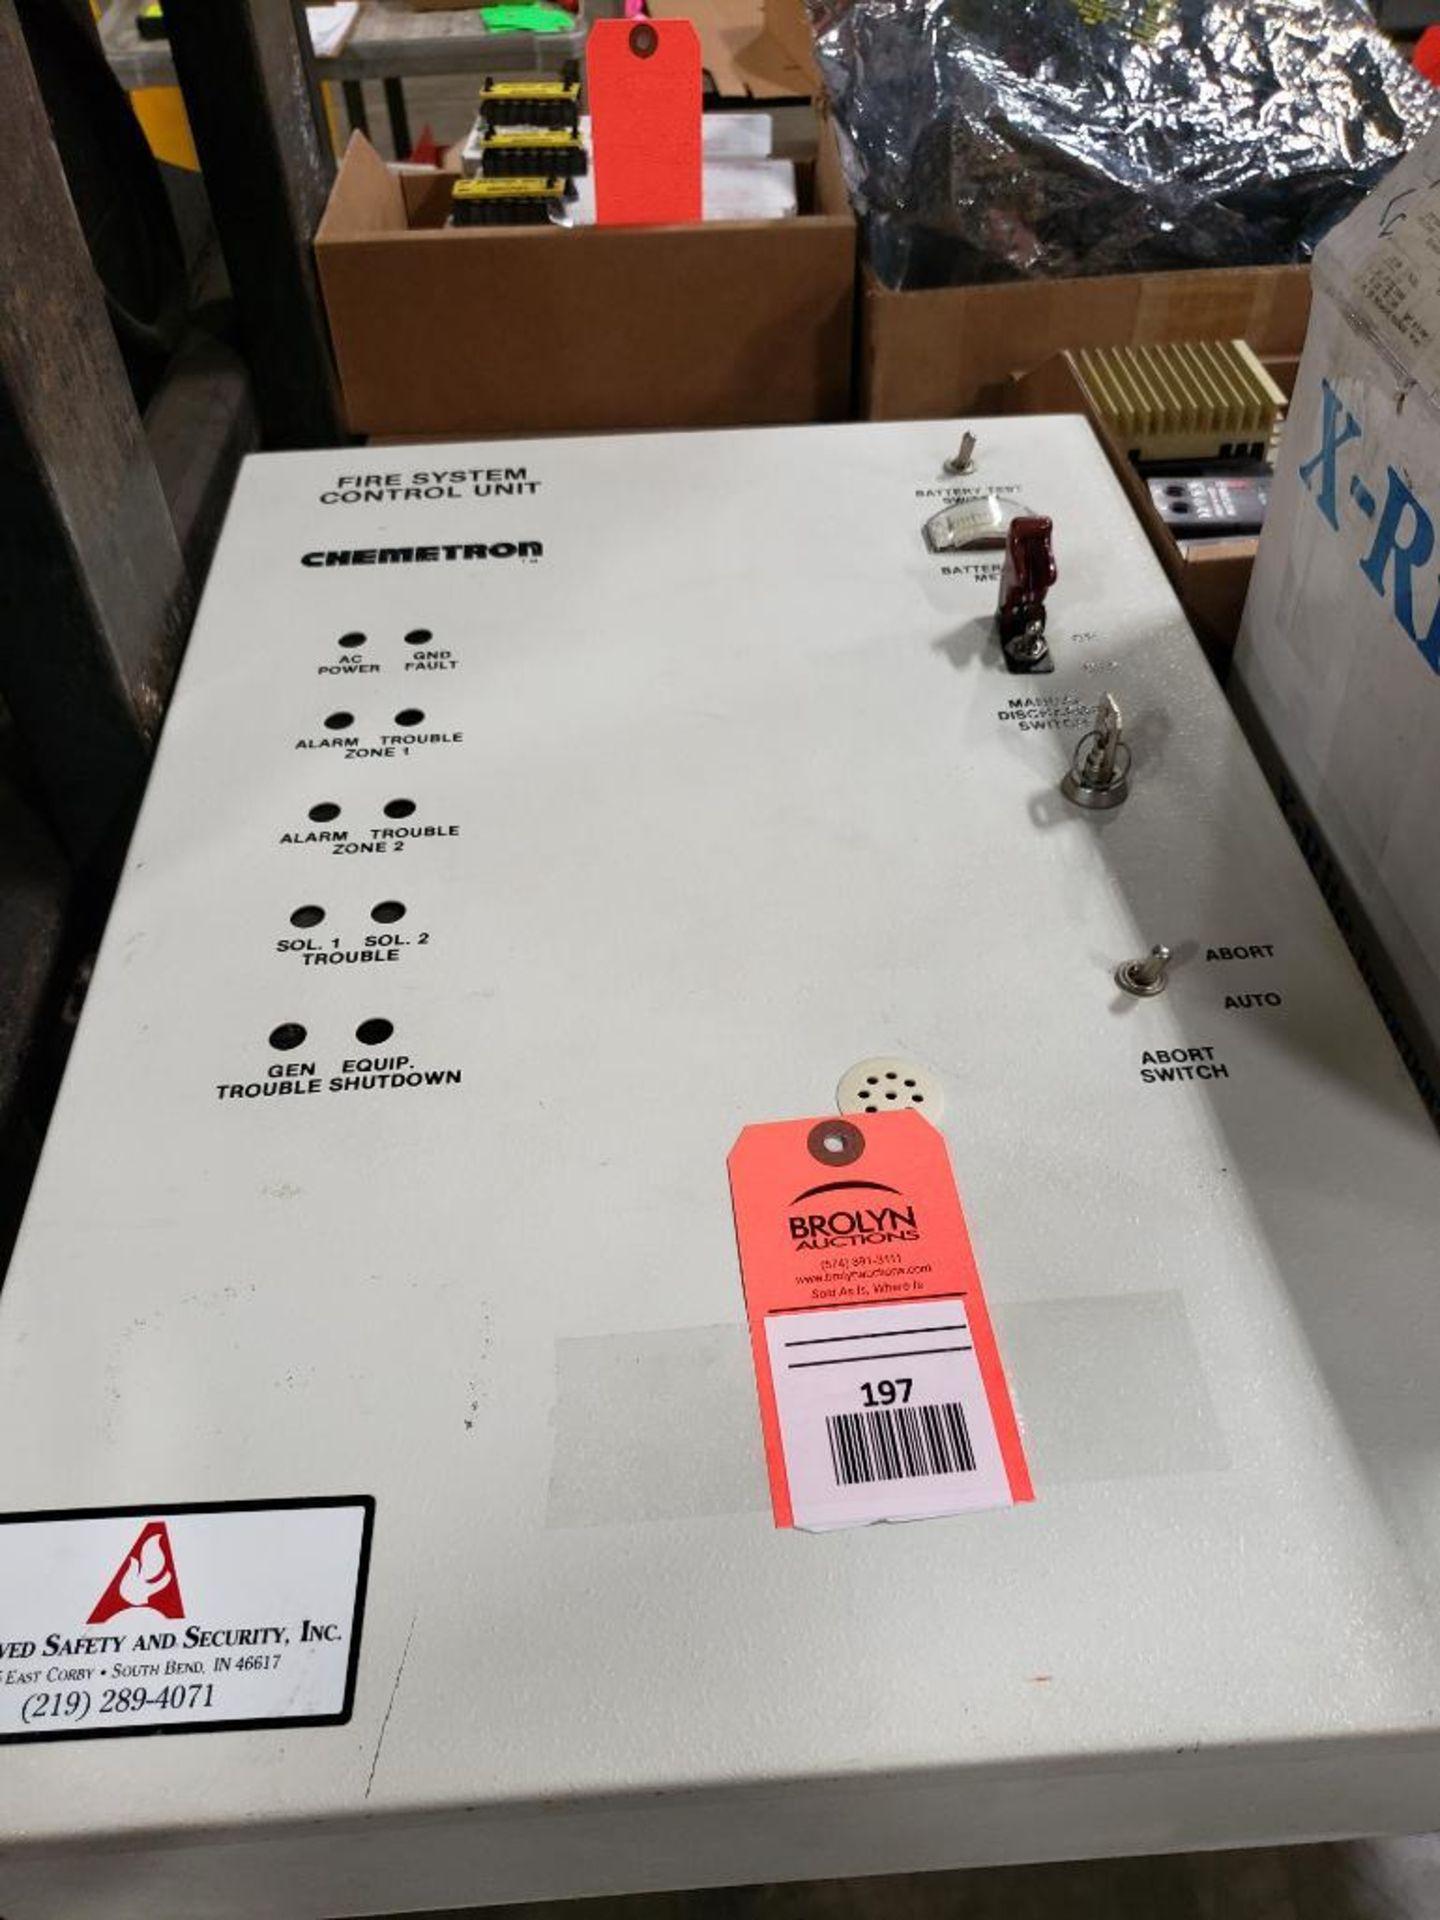 Chemetron Fire System control unit 1-010-0521-3.